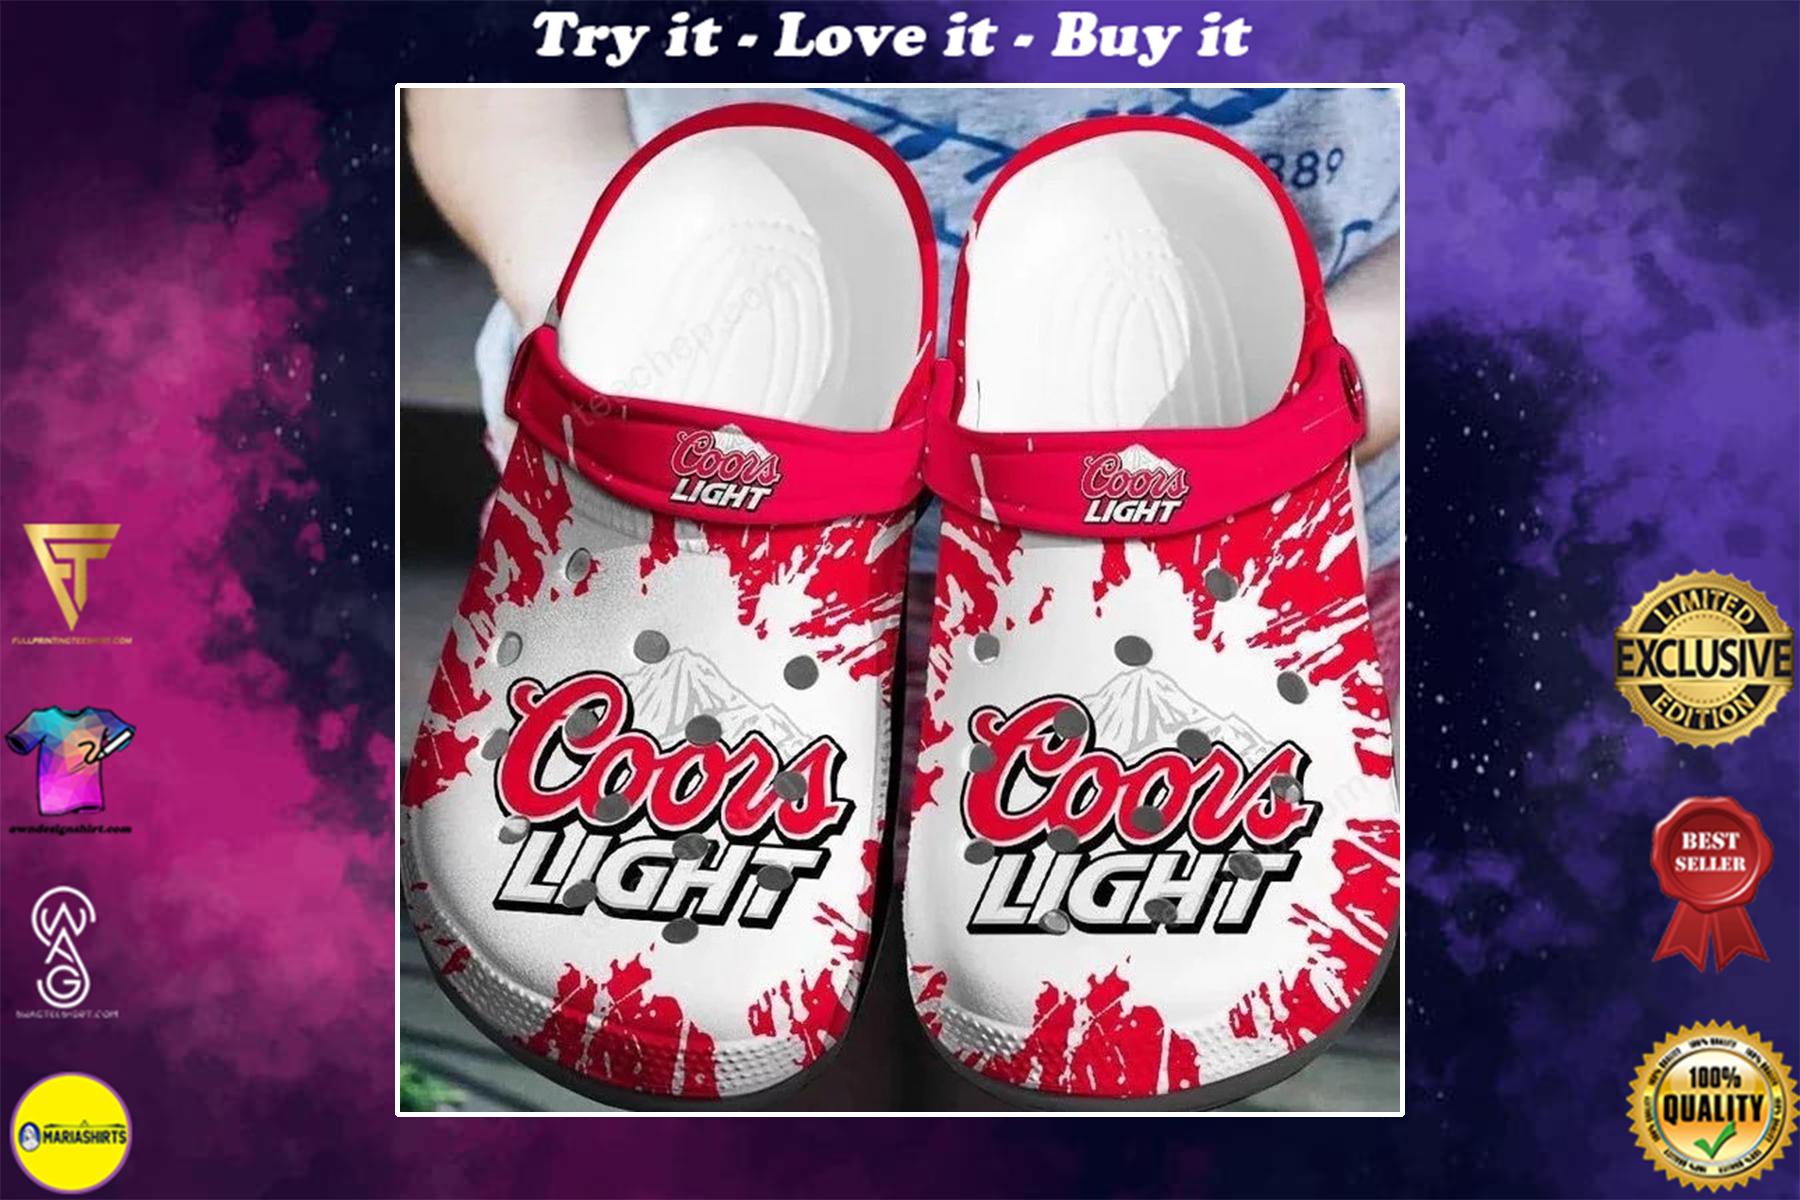 coors light beer crocs - Copy